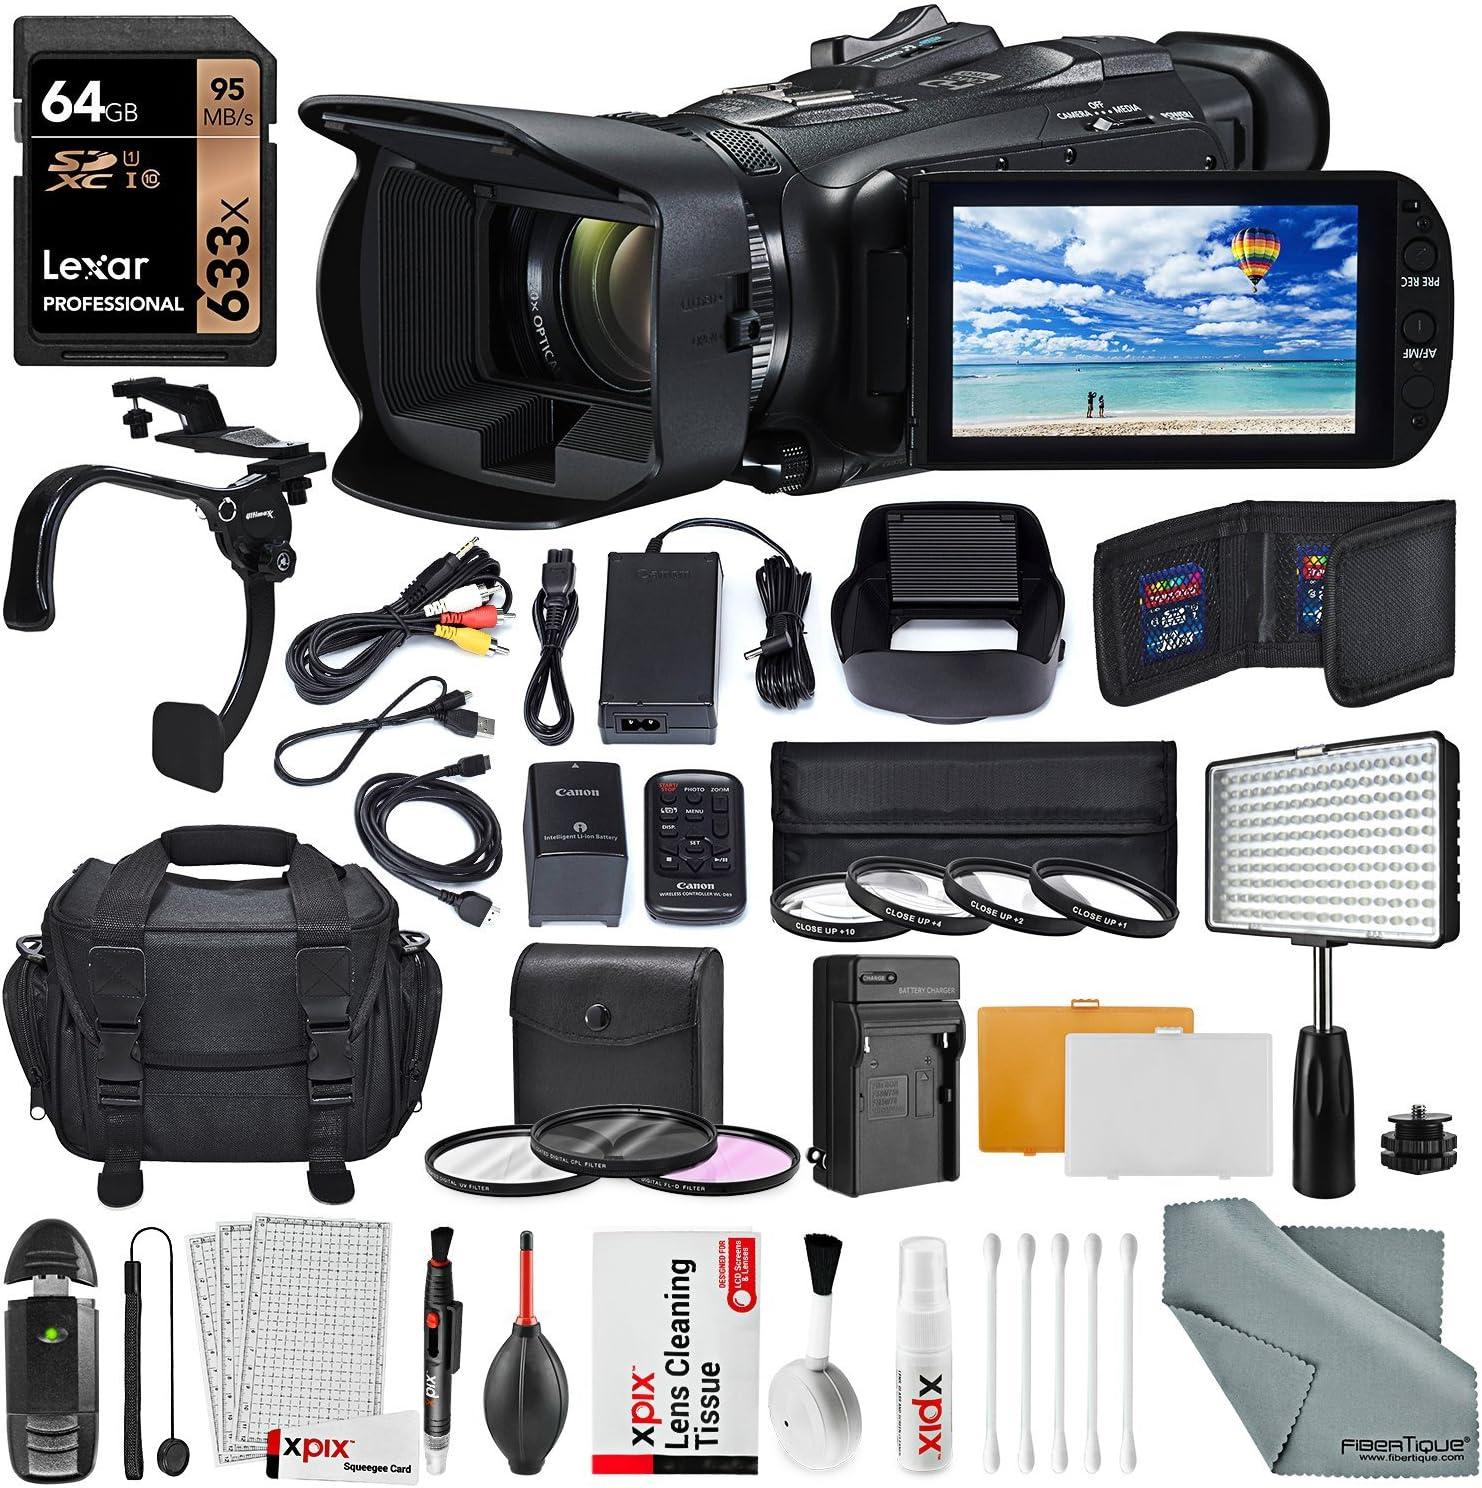 Amazon.com : Canon VIXIA HF G40 Full HD Camcorder : Camera